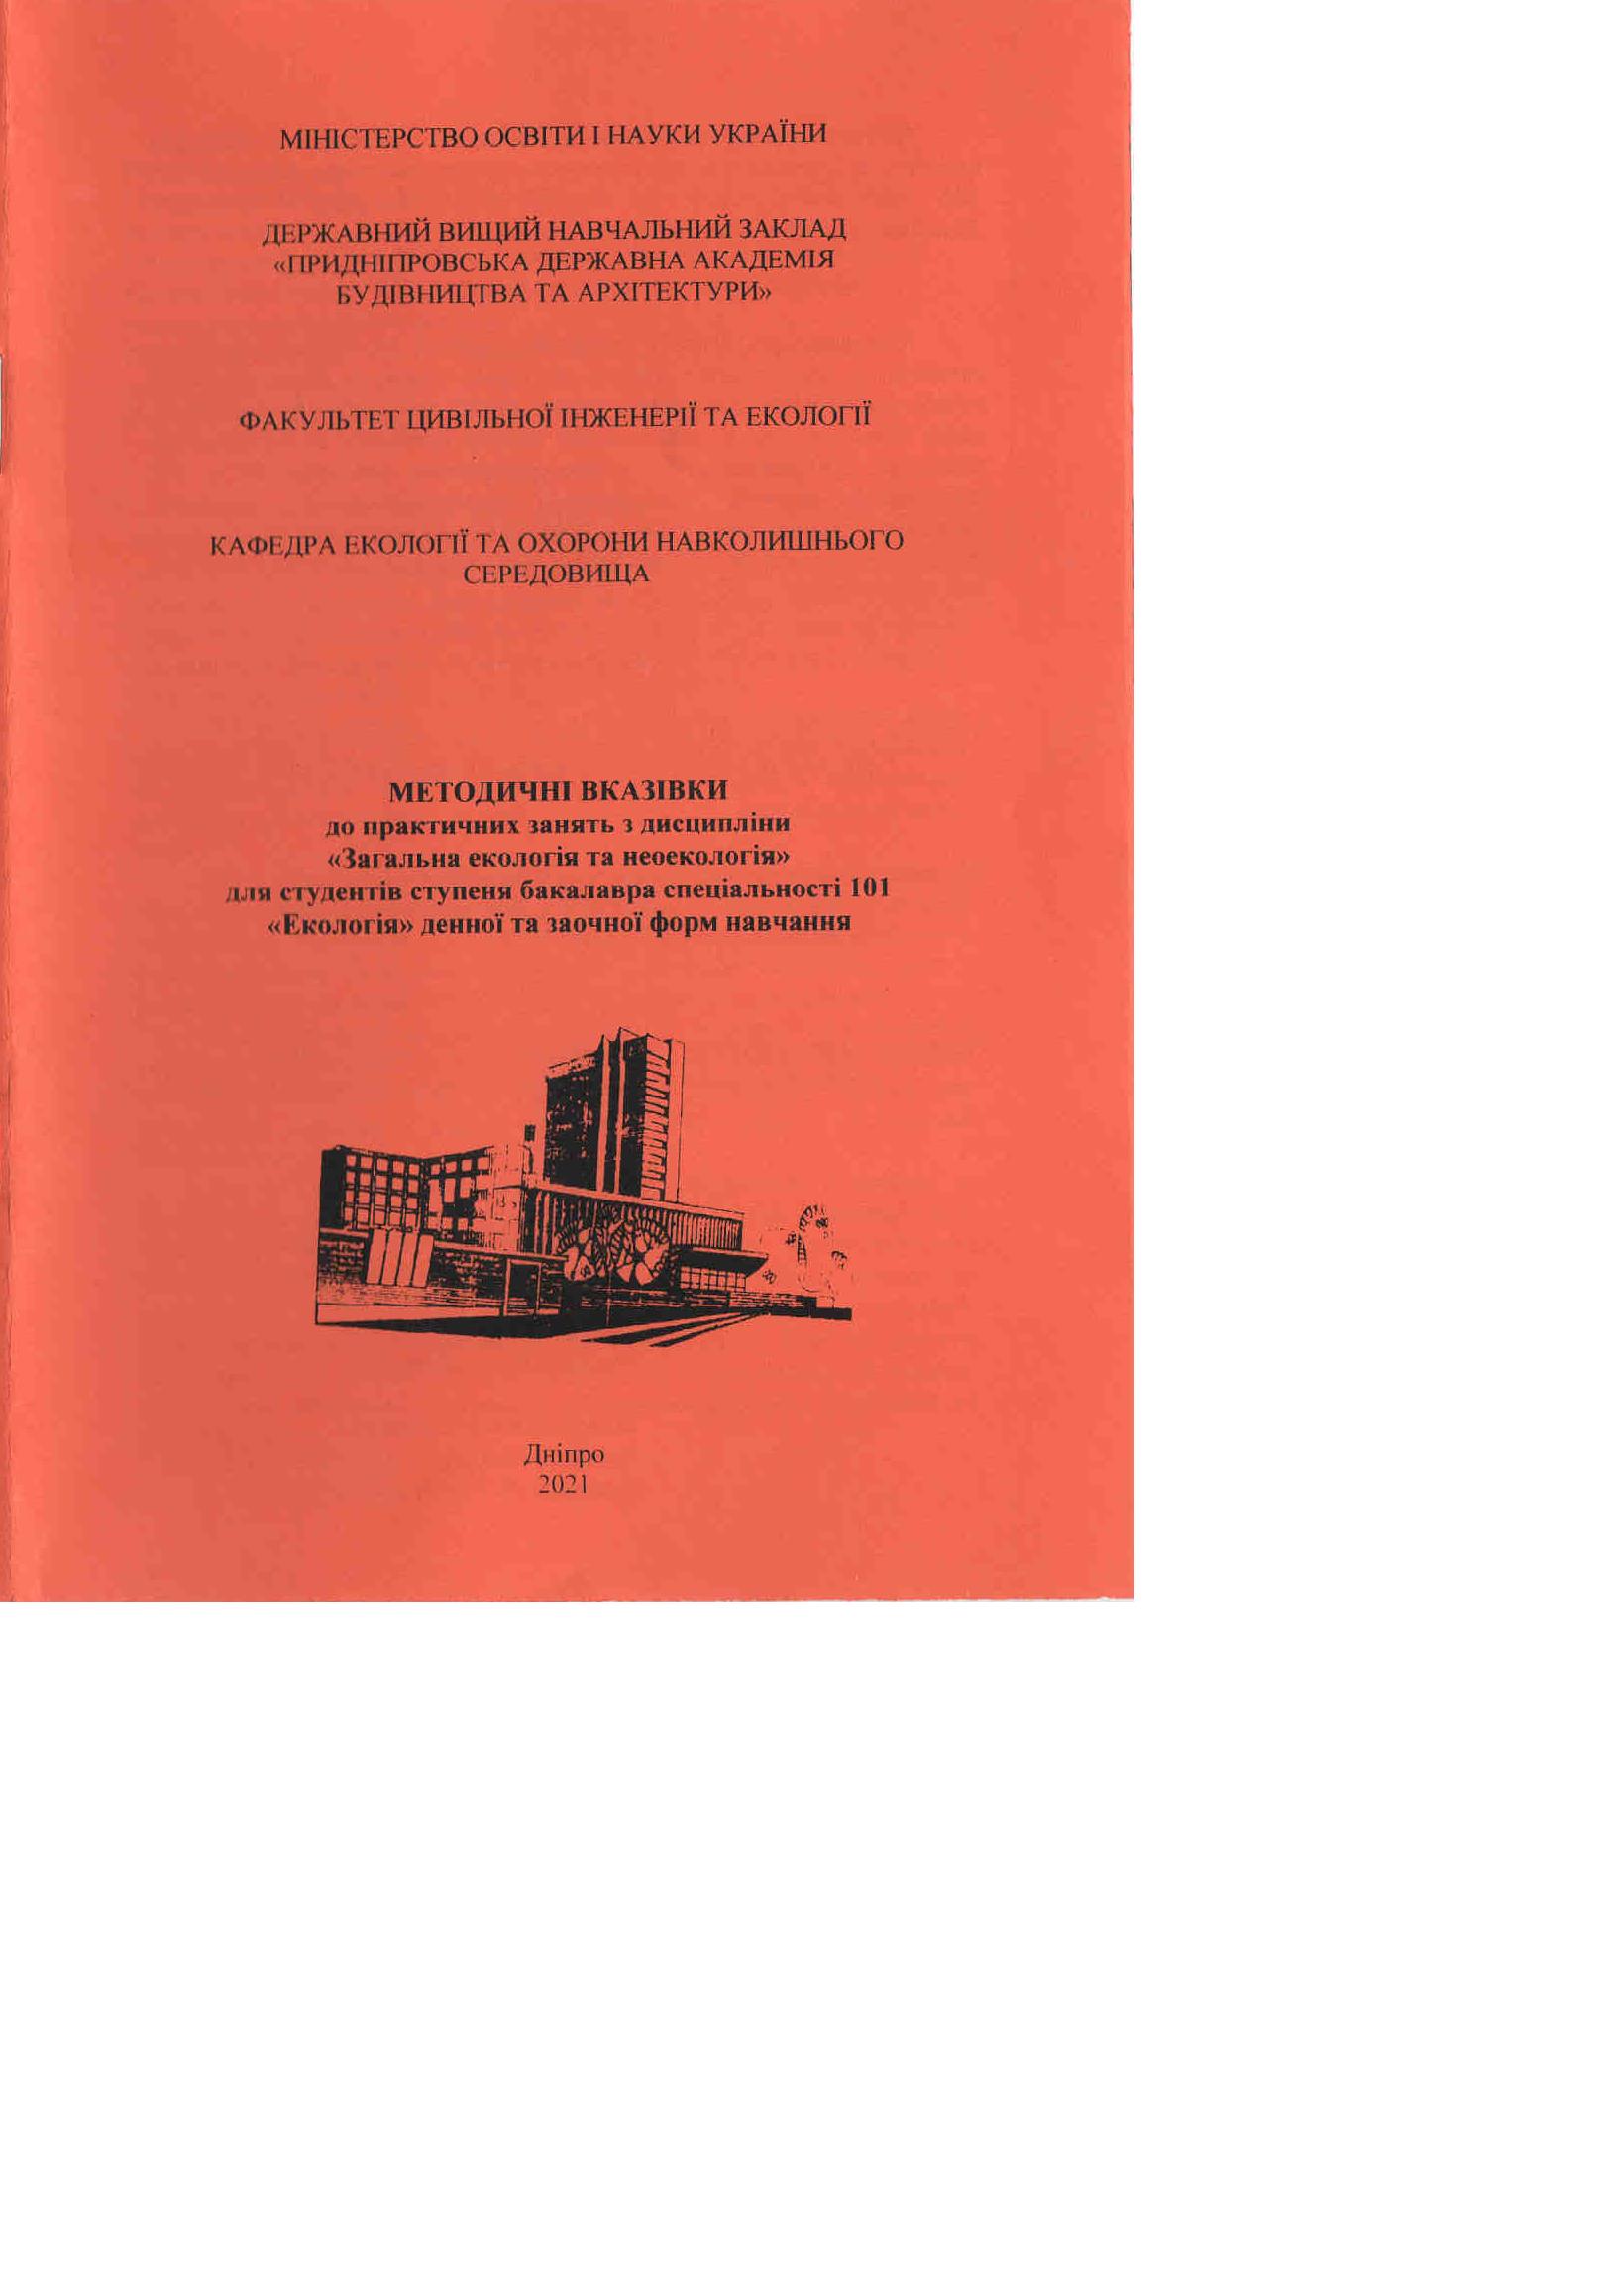 Методичні вказівки до практичних занять з дисципліни «Загальна екологія та неоекологія» для студентів ступеня бакалавра спеціальності 101 «Екологія»